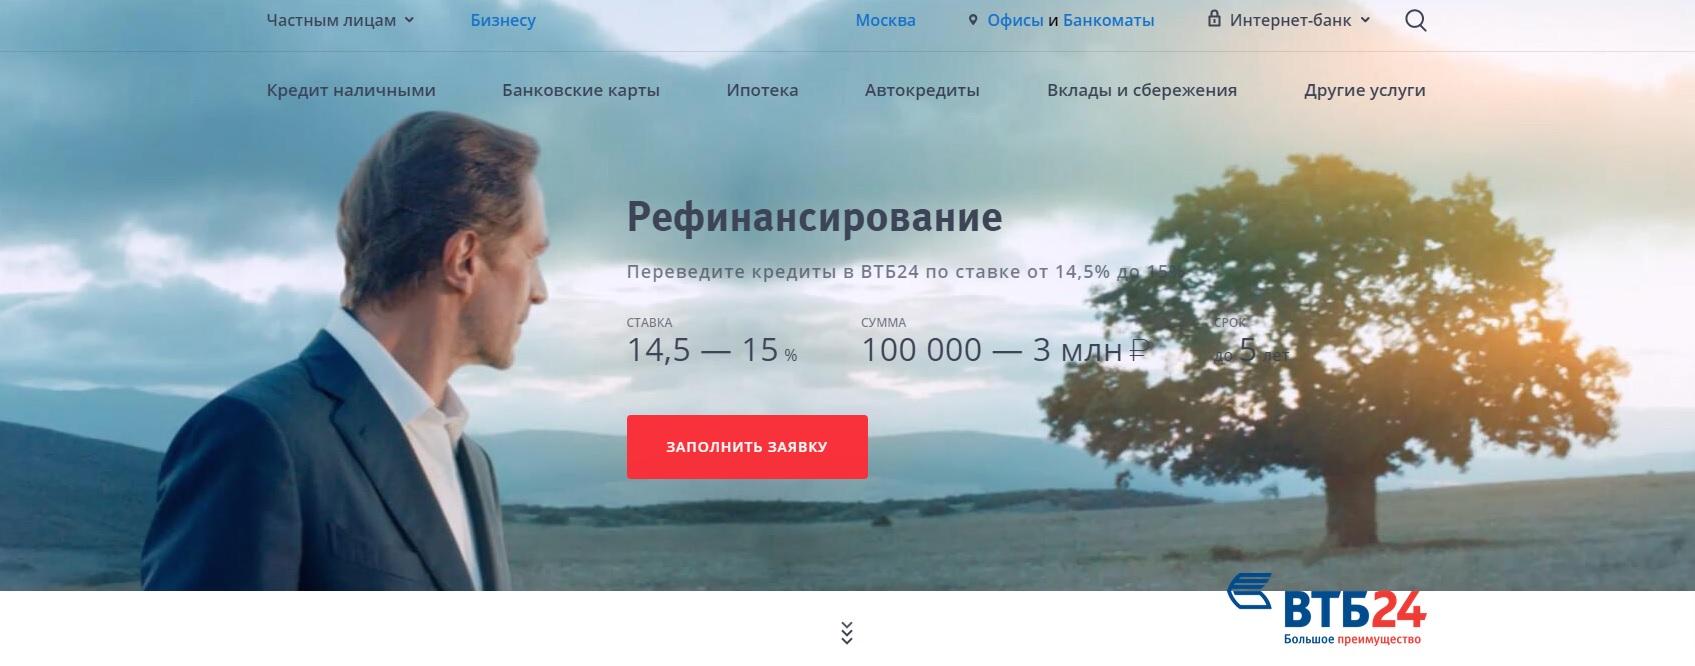 Программа рефинансирования в ВТБ24